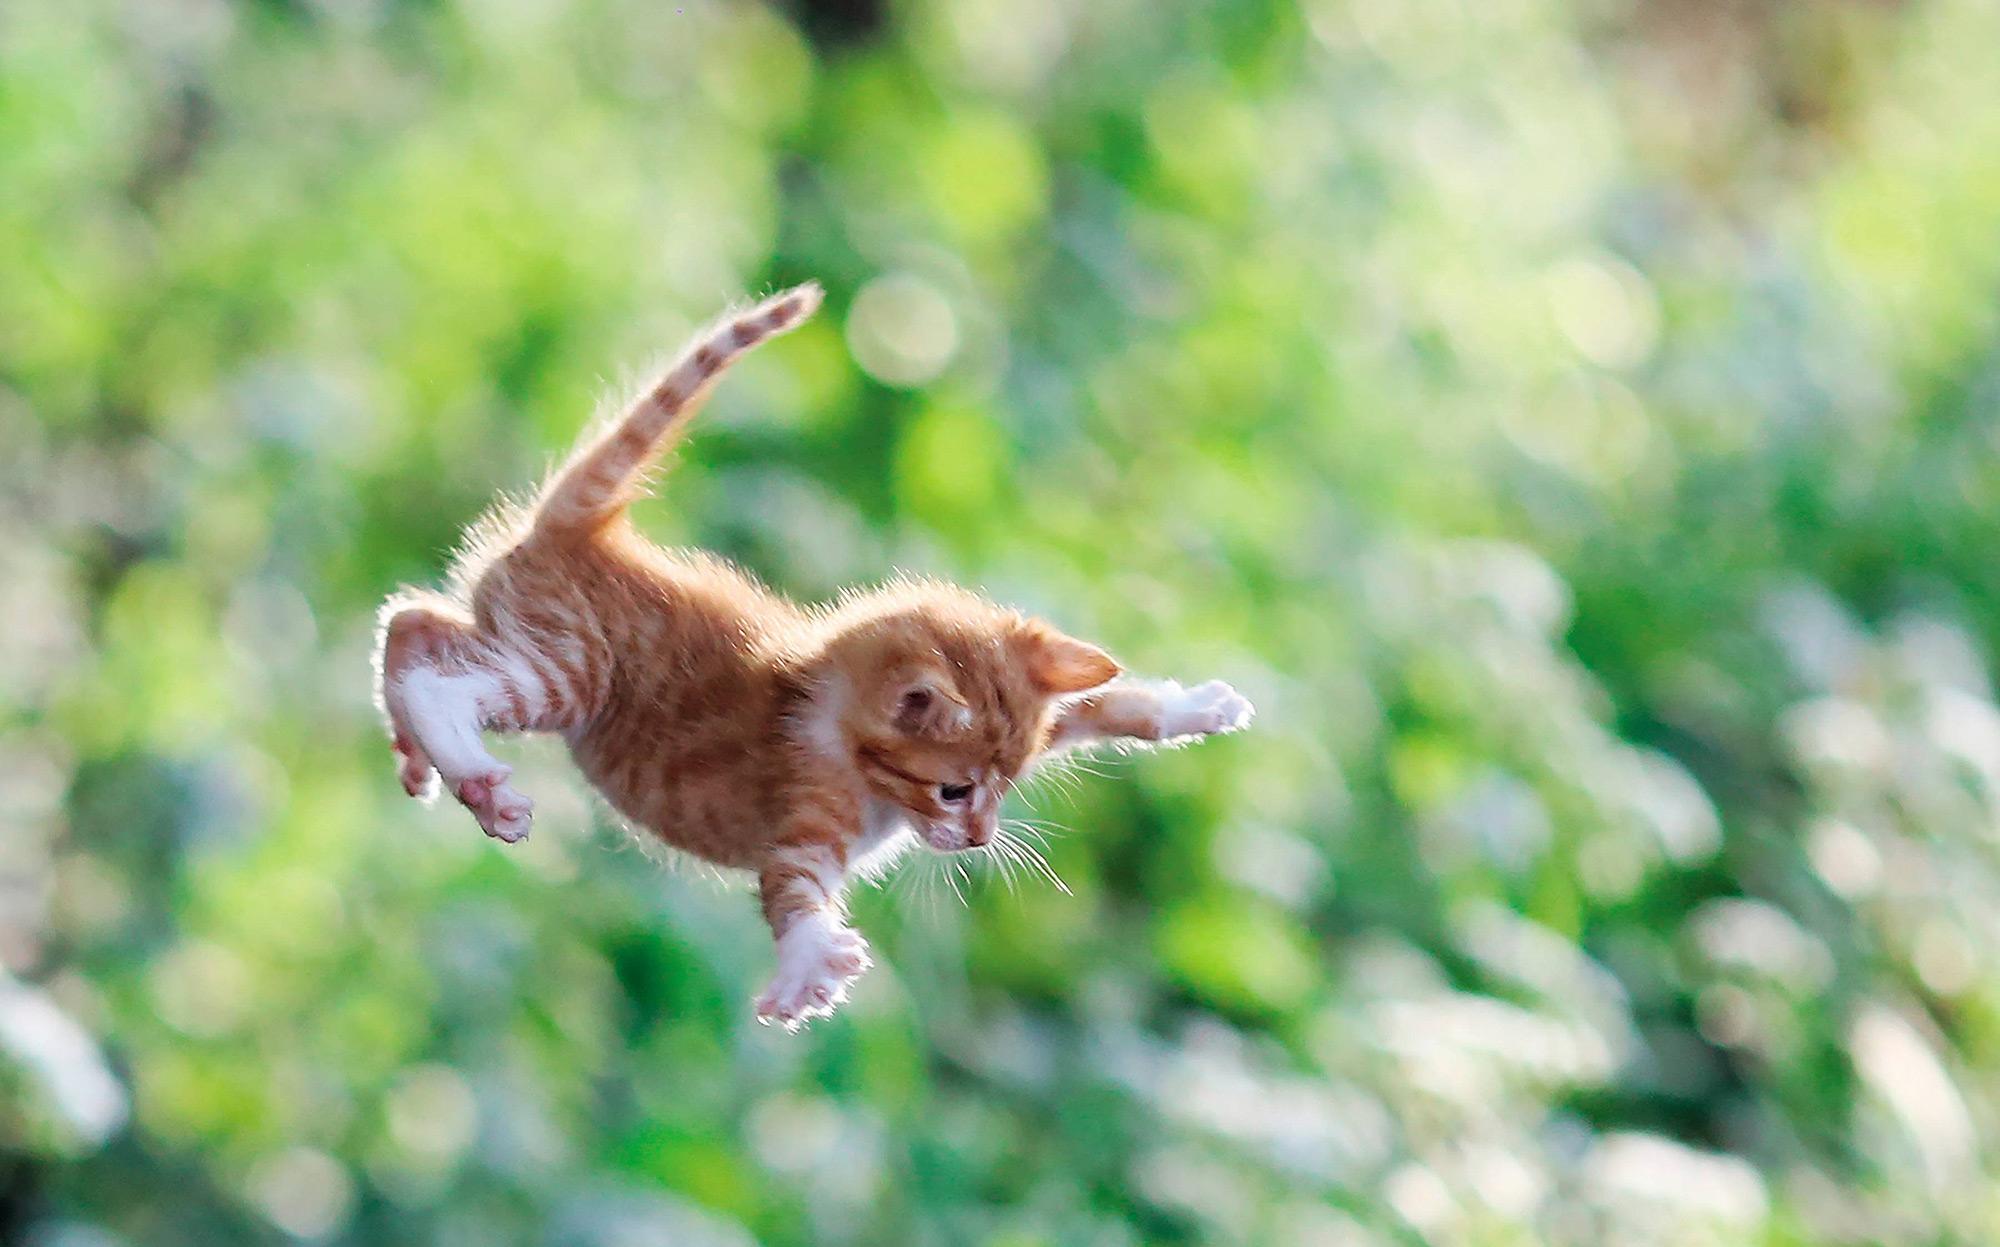 Картинка прыгающего кота